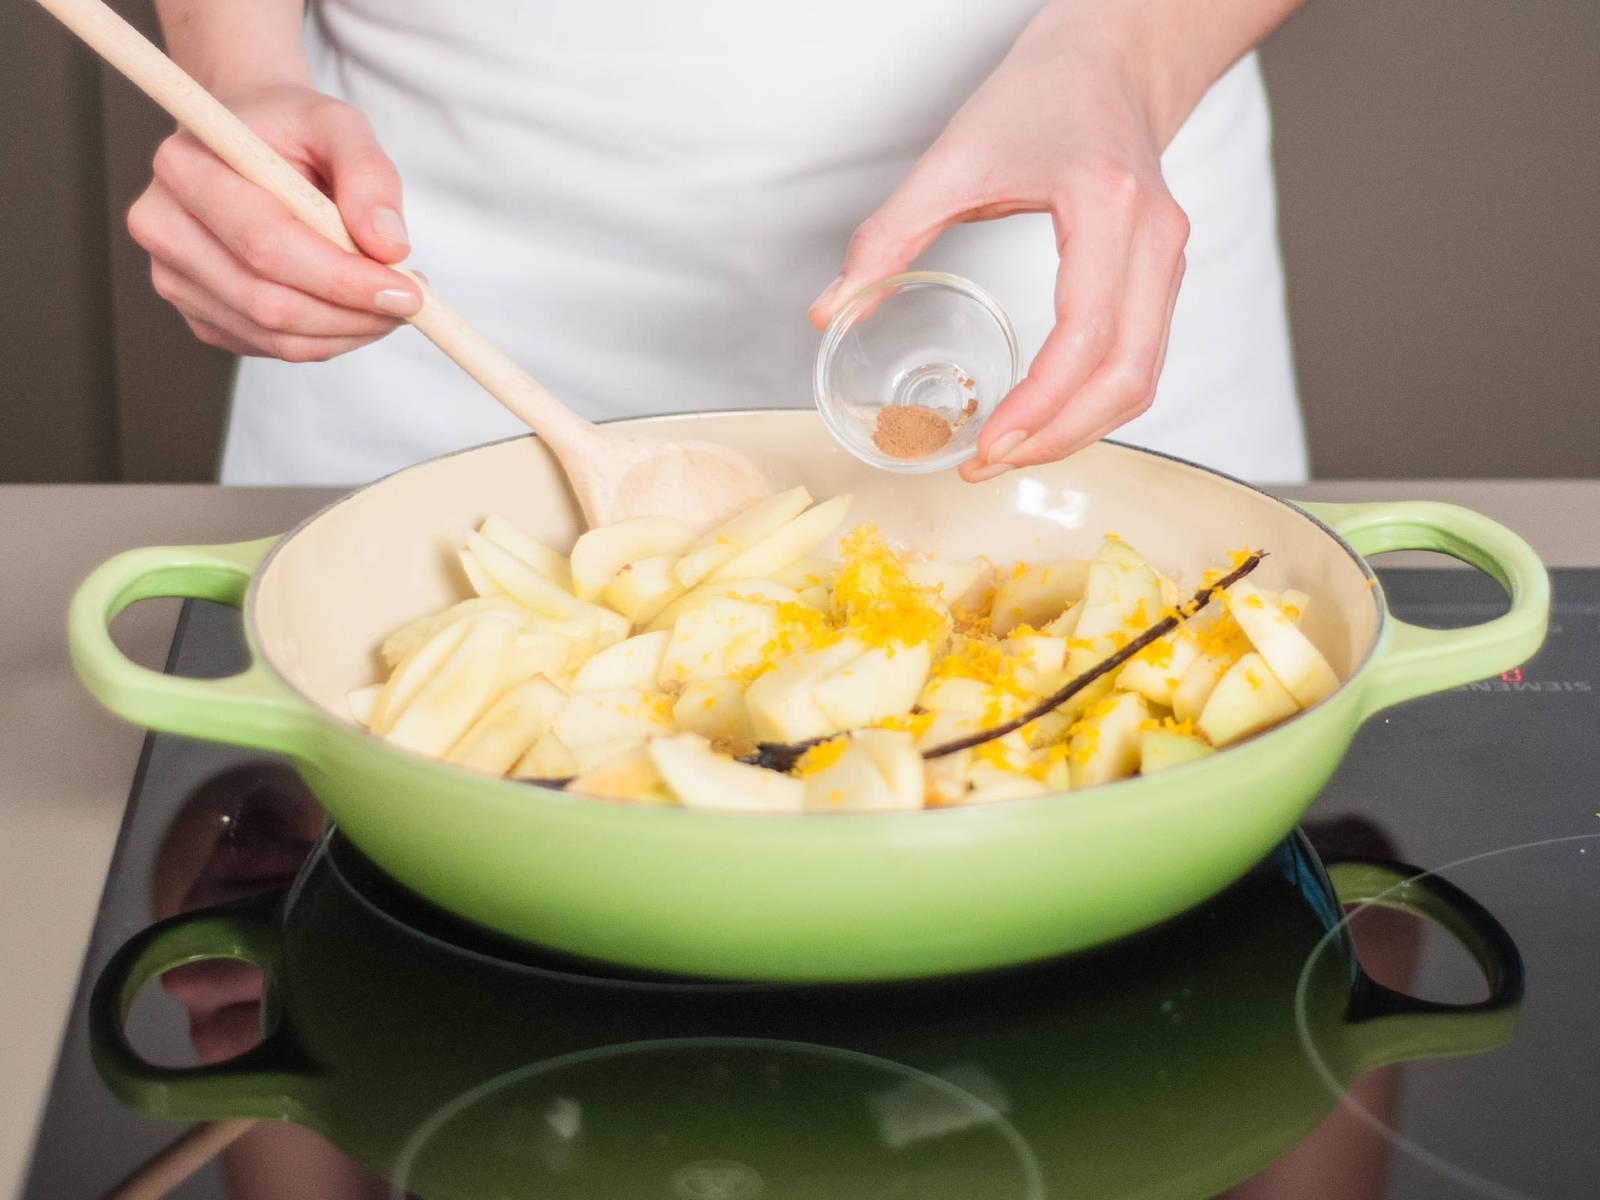 Äpfel zum Karamell hinzufügen und mit Apfelsaft ablöschen. Vanillemark, restlicher Zitronen-, Orangenabrieb und Zimt hinzufügen. Köcheln lassen bis die Flüssigkeit fast vollständig verdampft ist. Beiseitestellen.